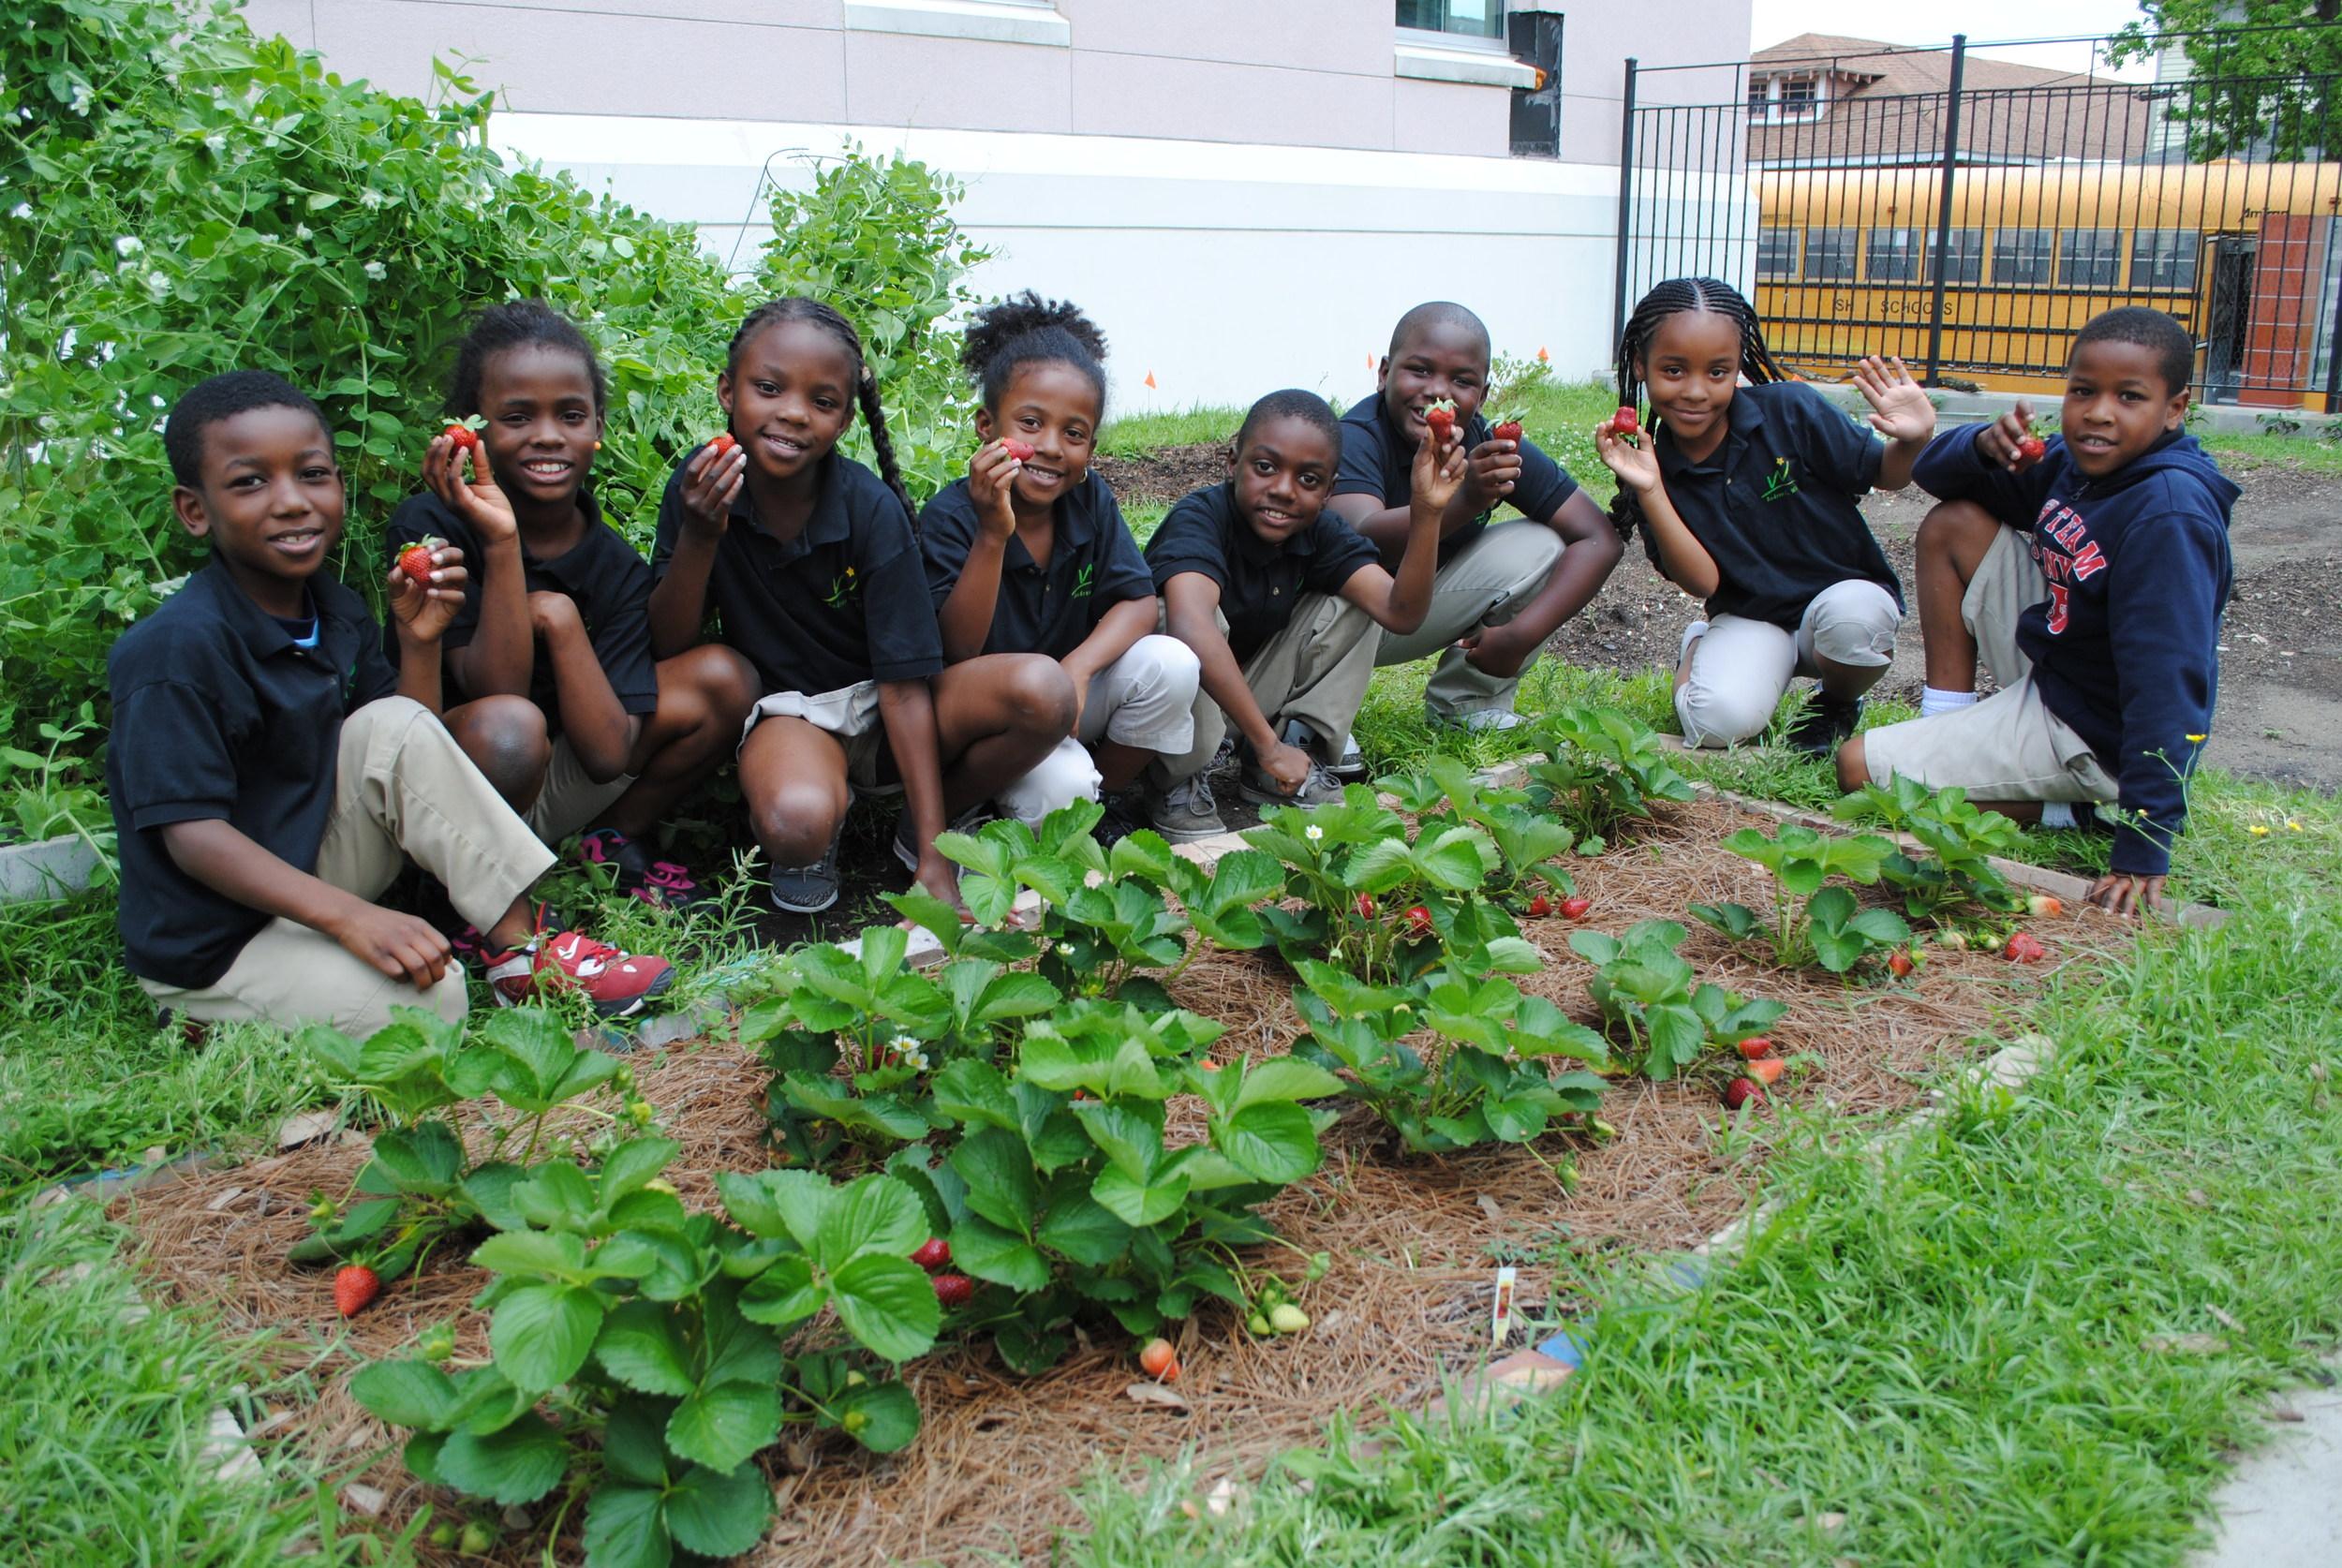 Wilson School garden, New Orleans, LA